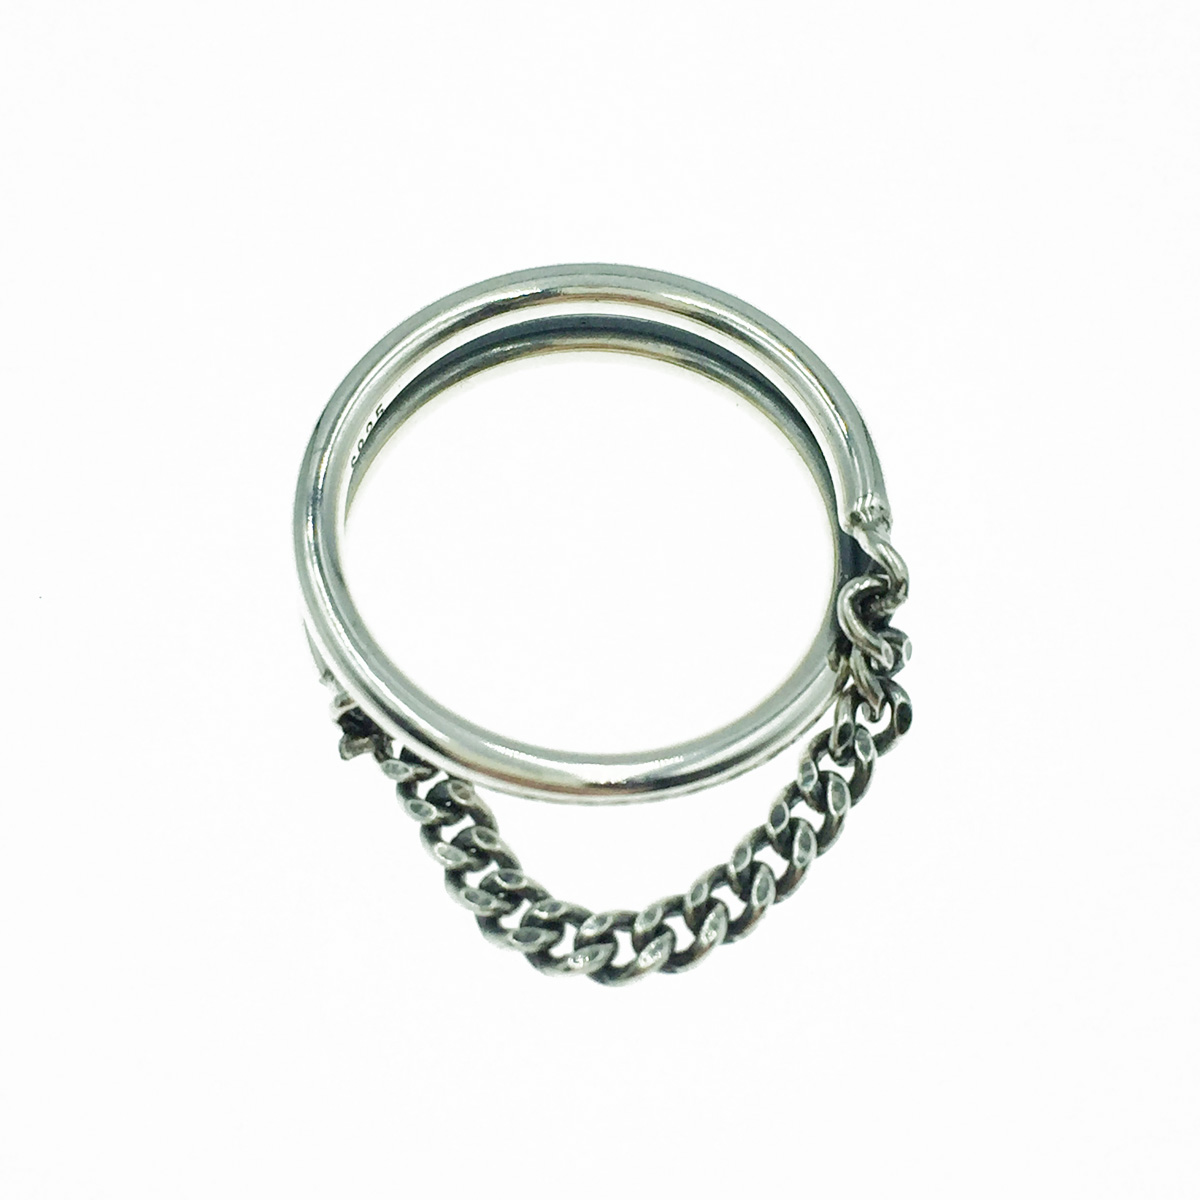 韓國 925純銀 金屬鎖鍊 個性款 垂墜感 戒指